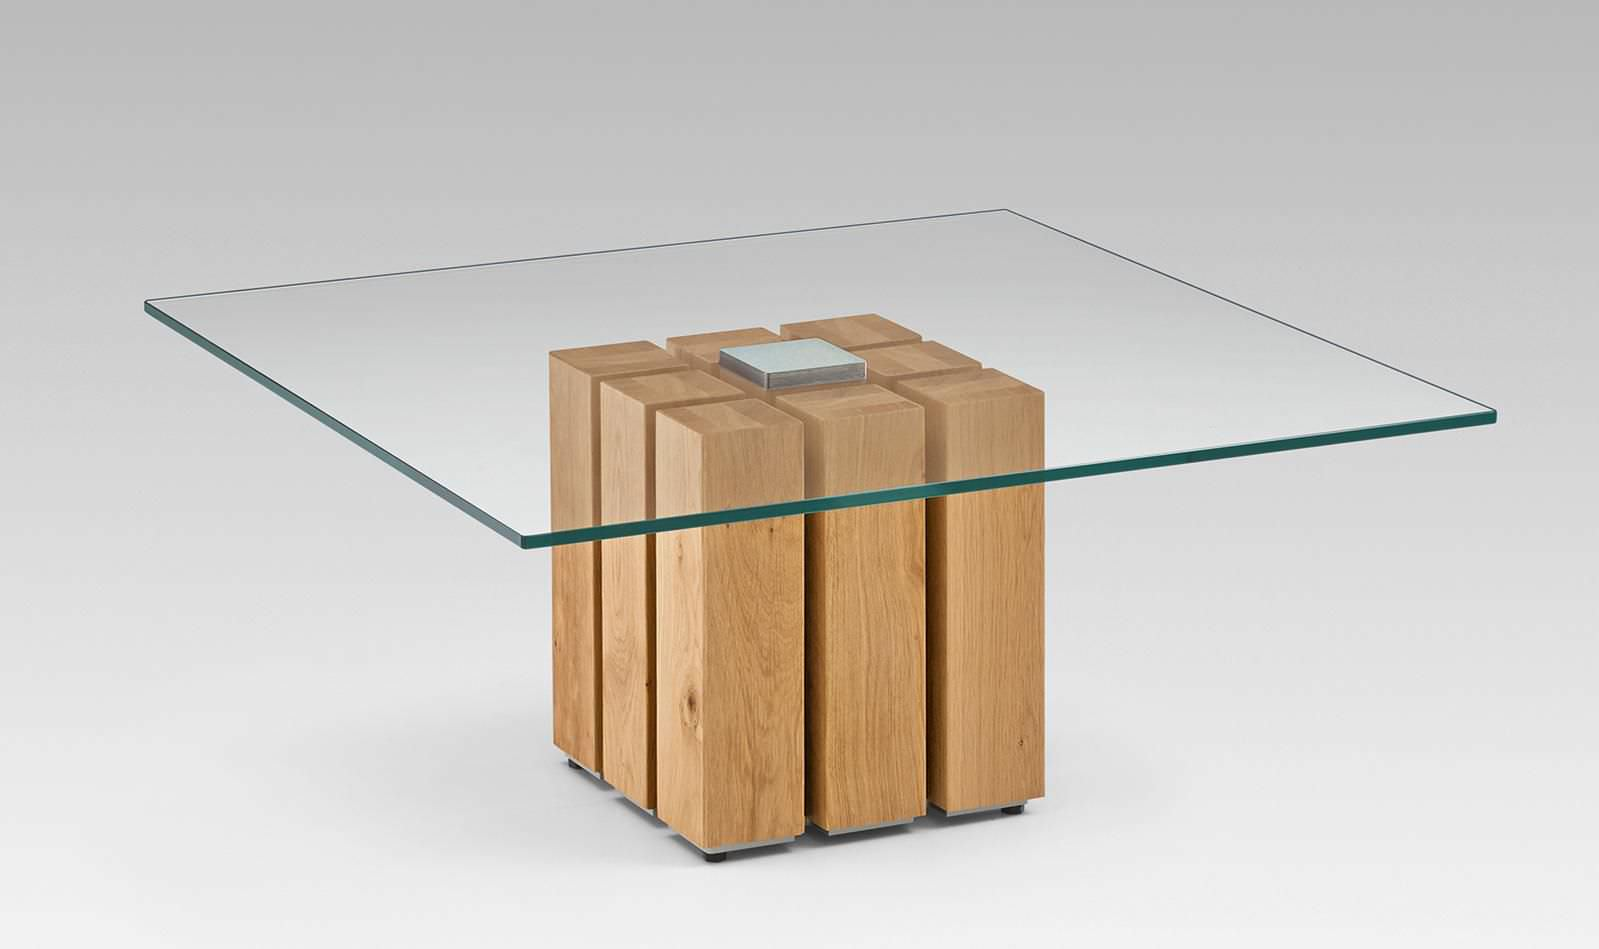 Couchtisch glas holz quadratisch  Moderner Couchtisch / Glas / Massivholz / quadratisch - 4363 ...